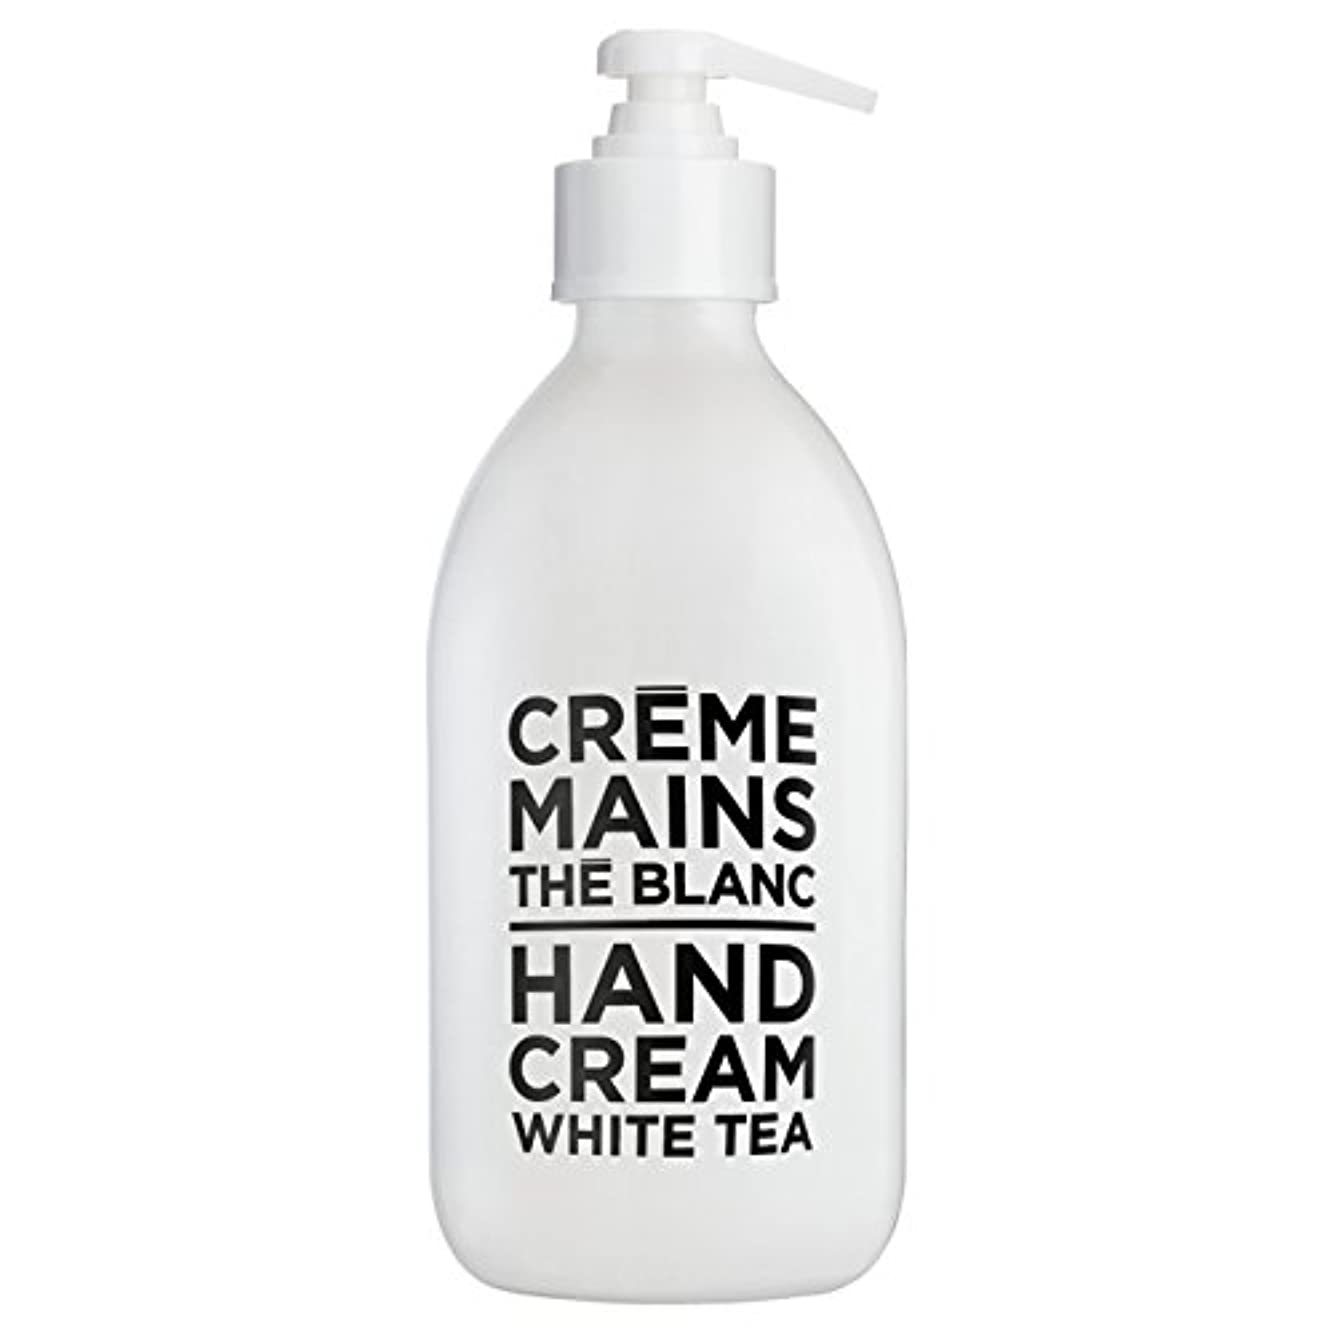 宝石影響を受けやすいですピッチカンパニードプロバンス ブラック&ホワイト ハンドクリーム ホワイトティー(ホワイトティーにシトラスを添えた気品ある香り) 300ml